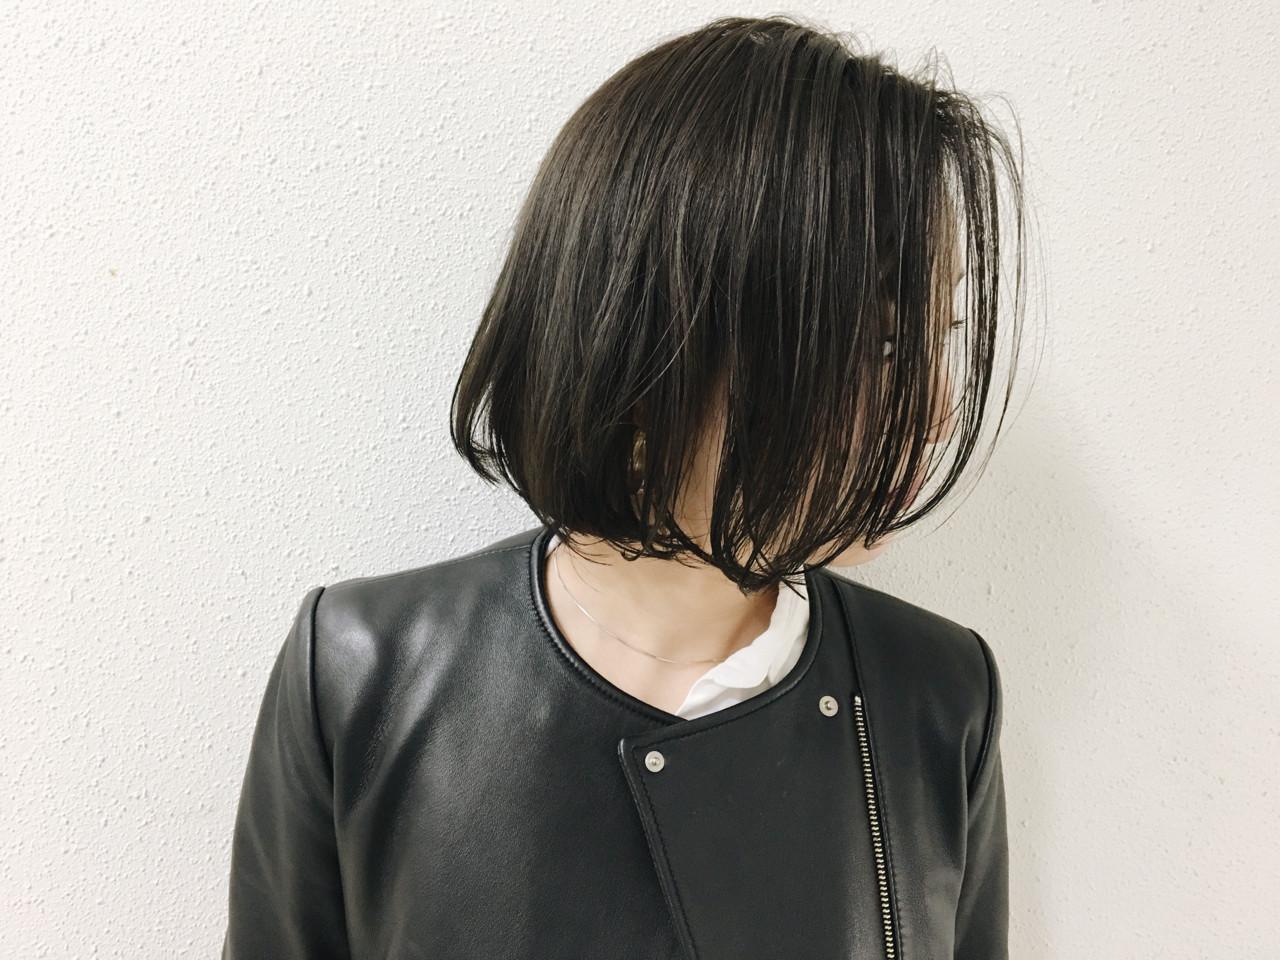 グレー 透明感 ナチュラル ボブ ヘアスタイルや髪型の写真・画像 | 長 賢太郎 / ky-go